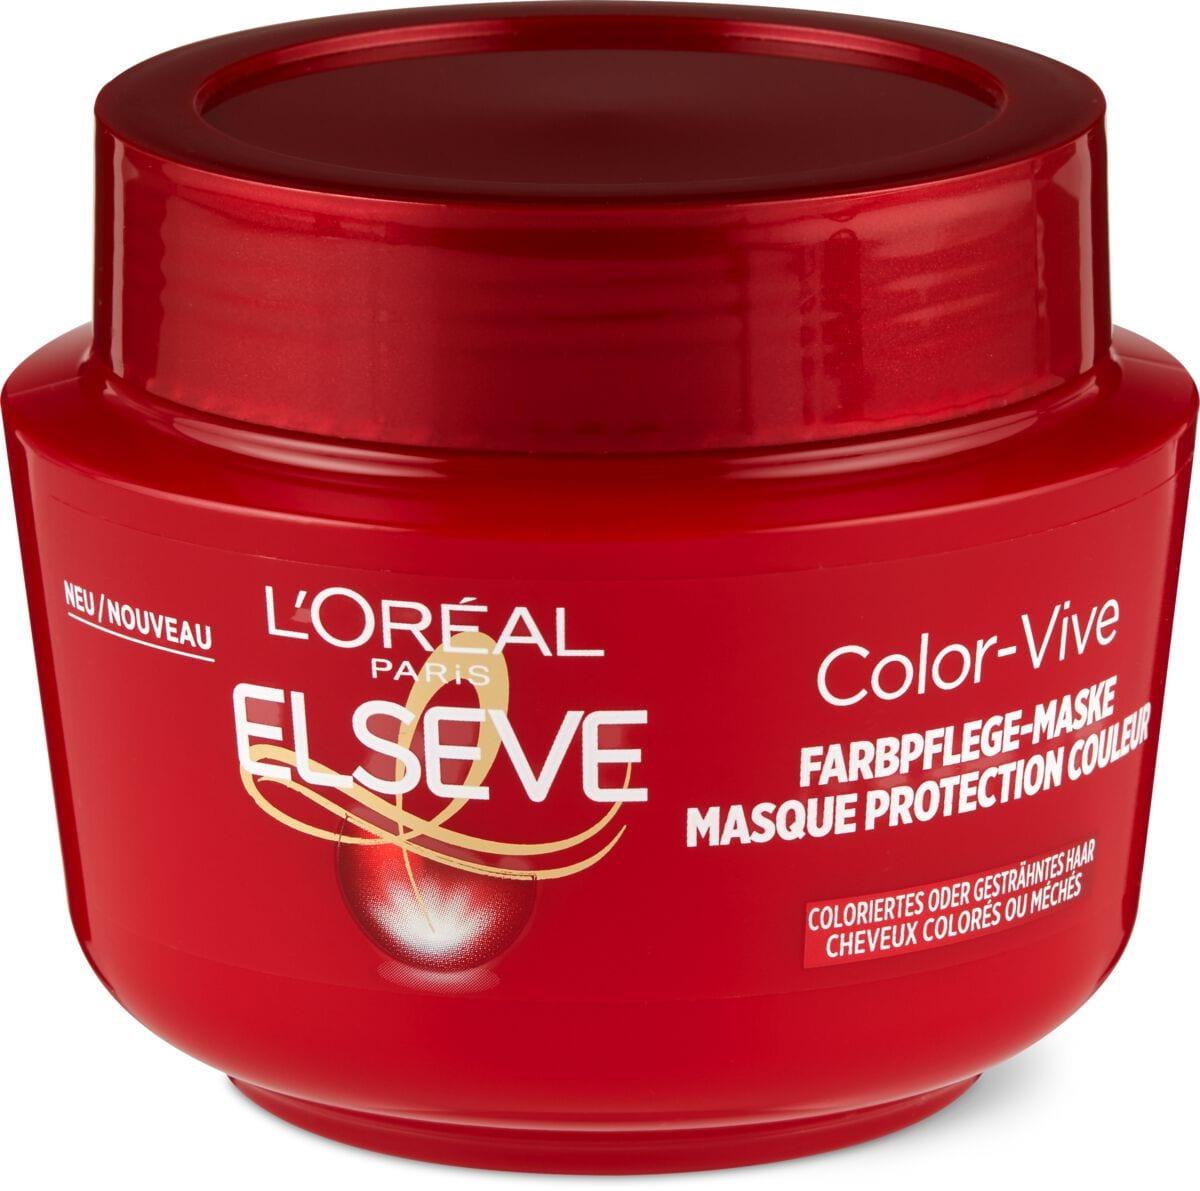 L'Oréal Elseve Color-Vive Maske